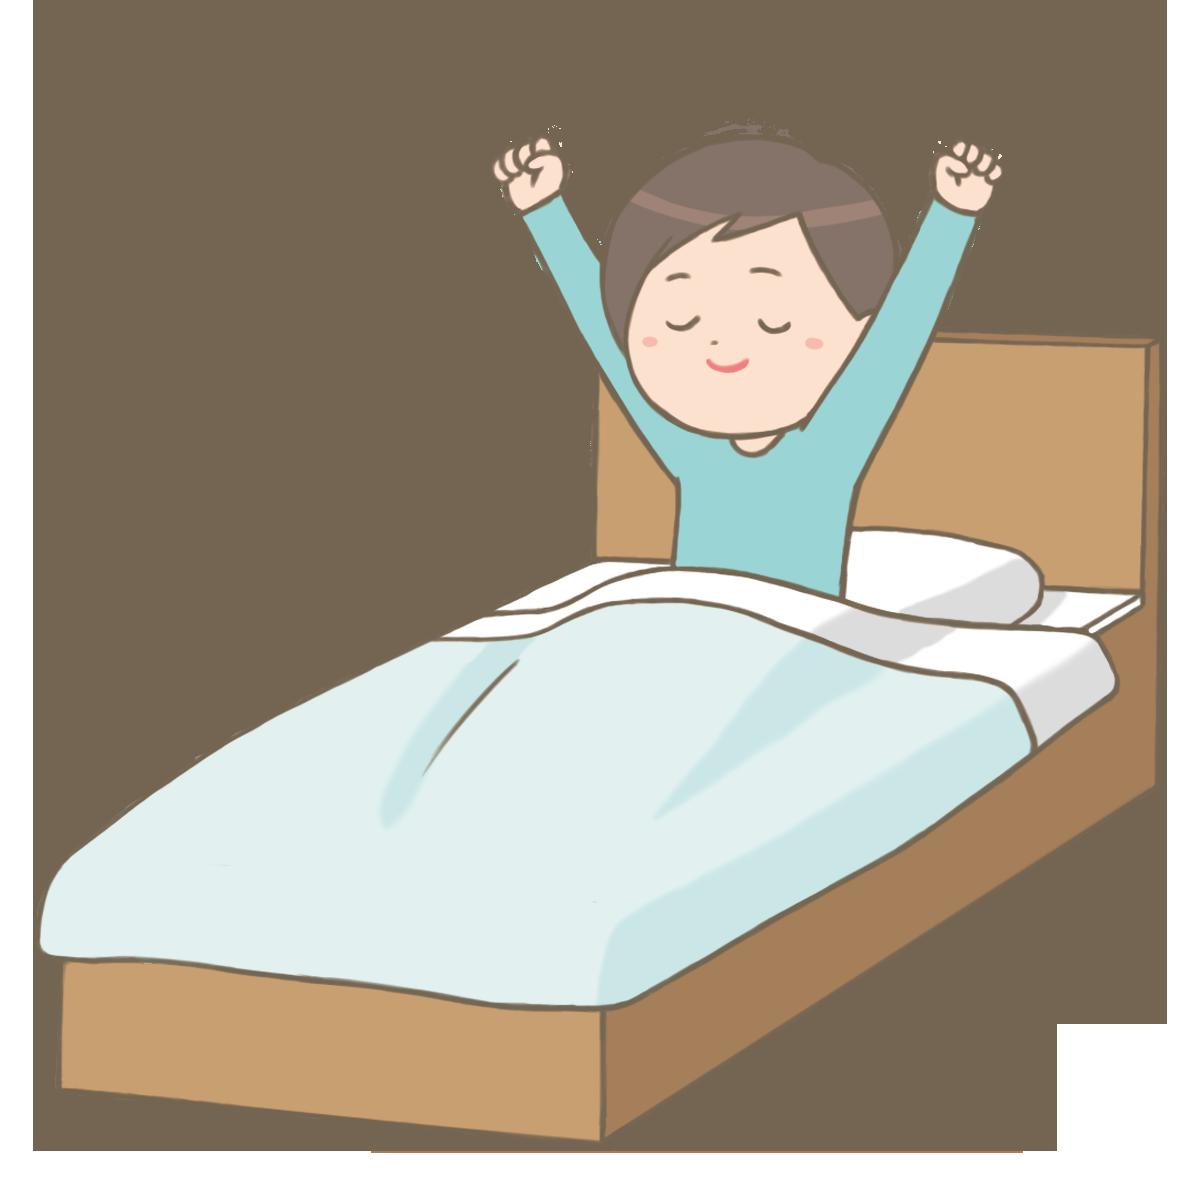 快眠で目を覚ます男性のイラストフリー素材看護rooカンゴルー